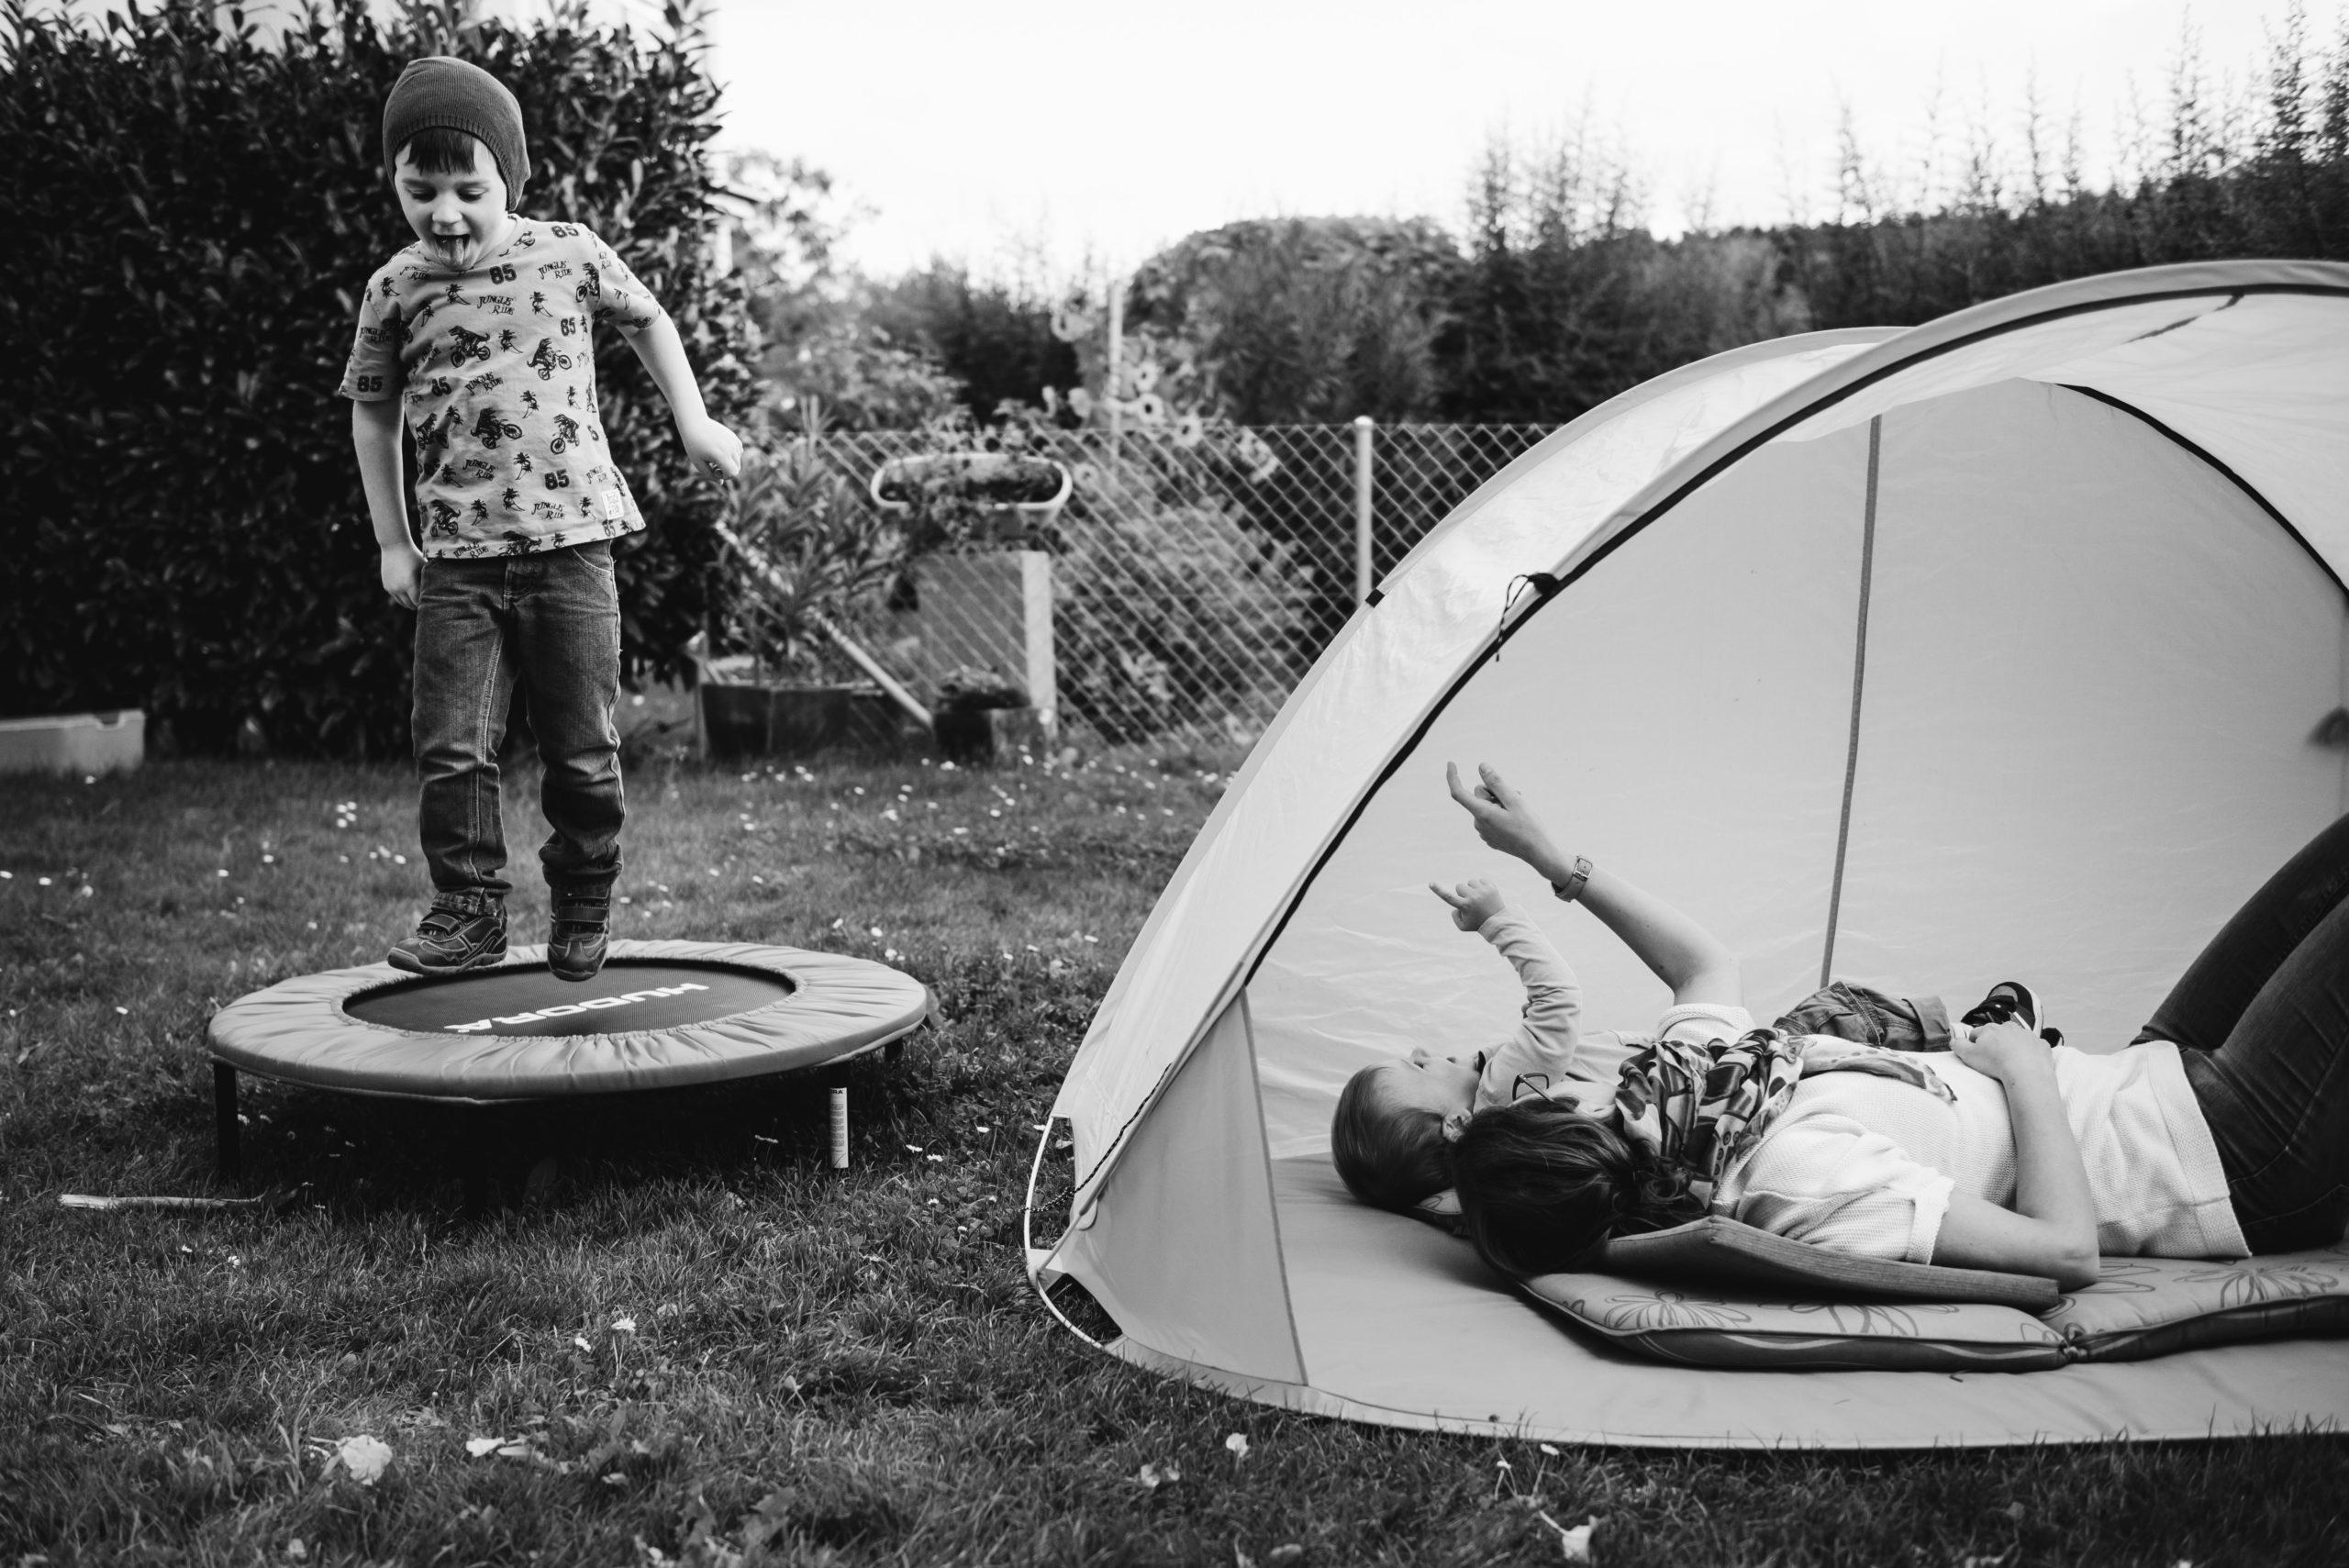 Kind hüpft auf Trampolin während Mutter und Bruder im Zelt im Garten sind